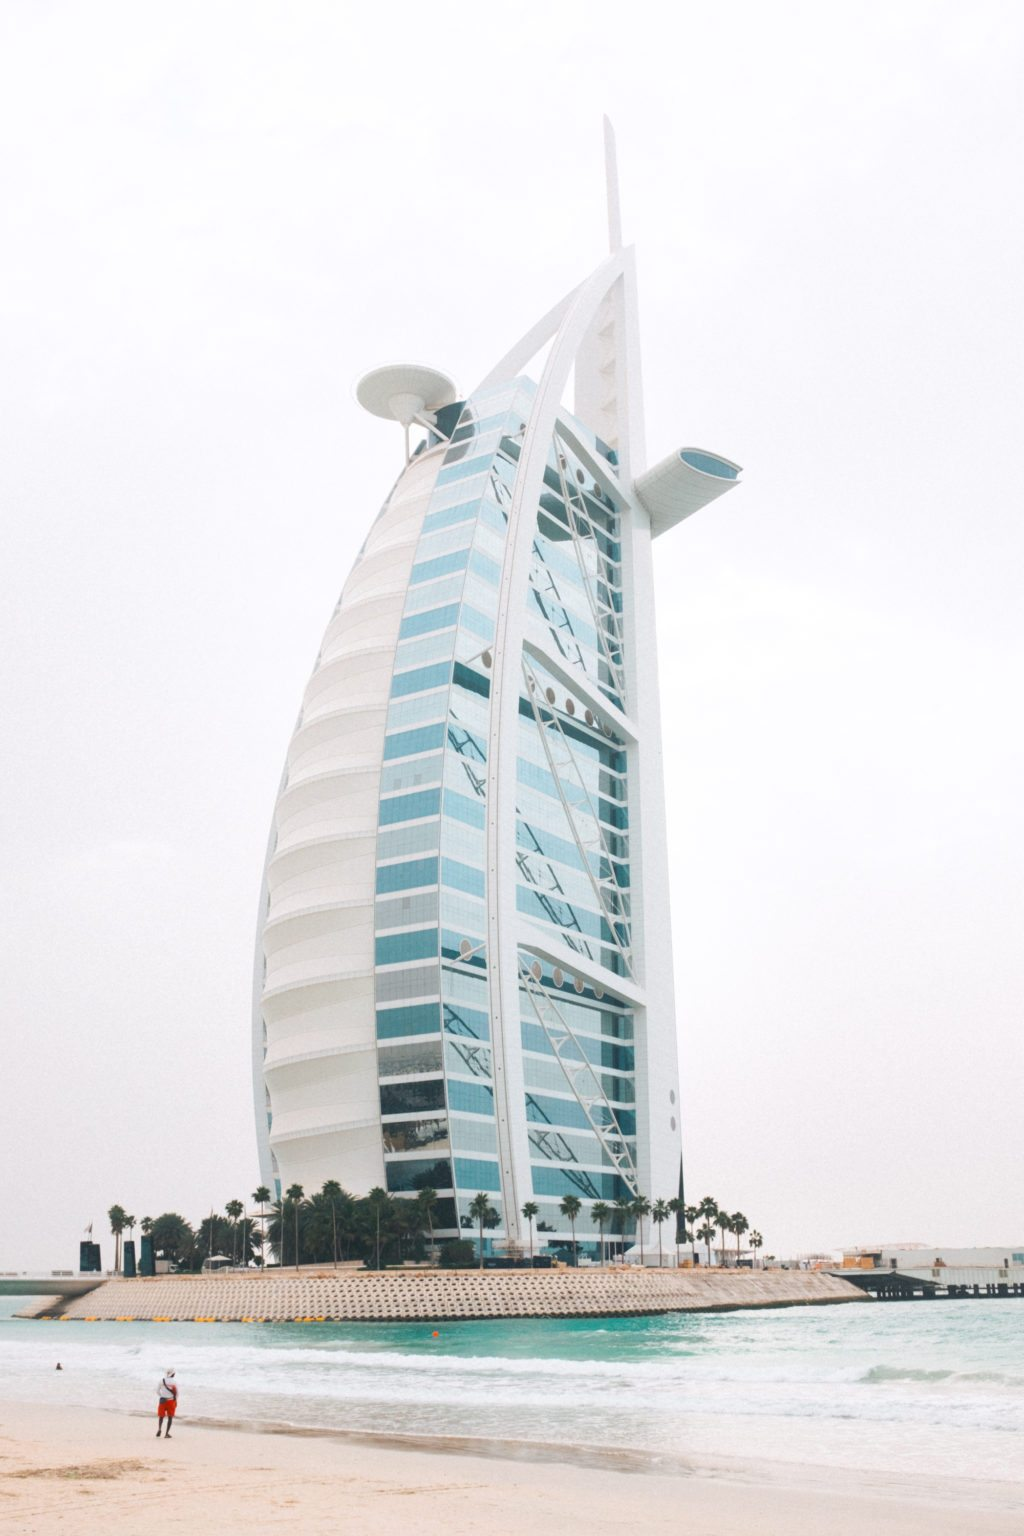 Jumeira-Beach-Burj-al-Arab-Dubai-9473